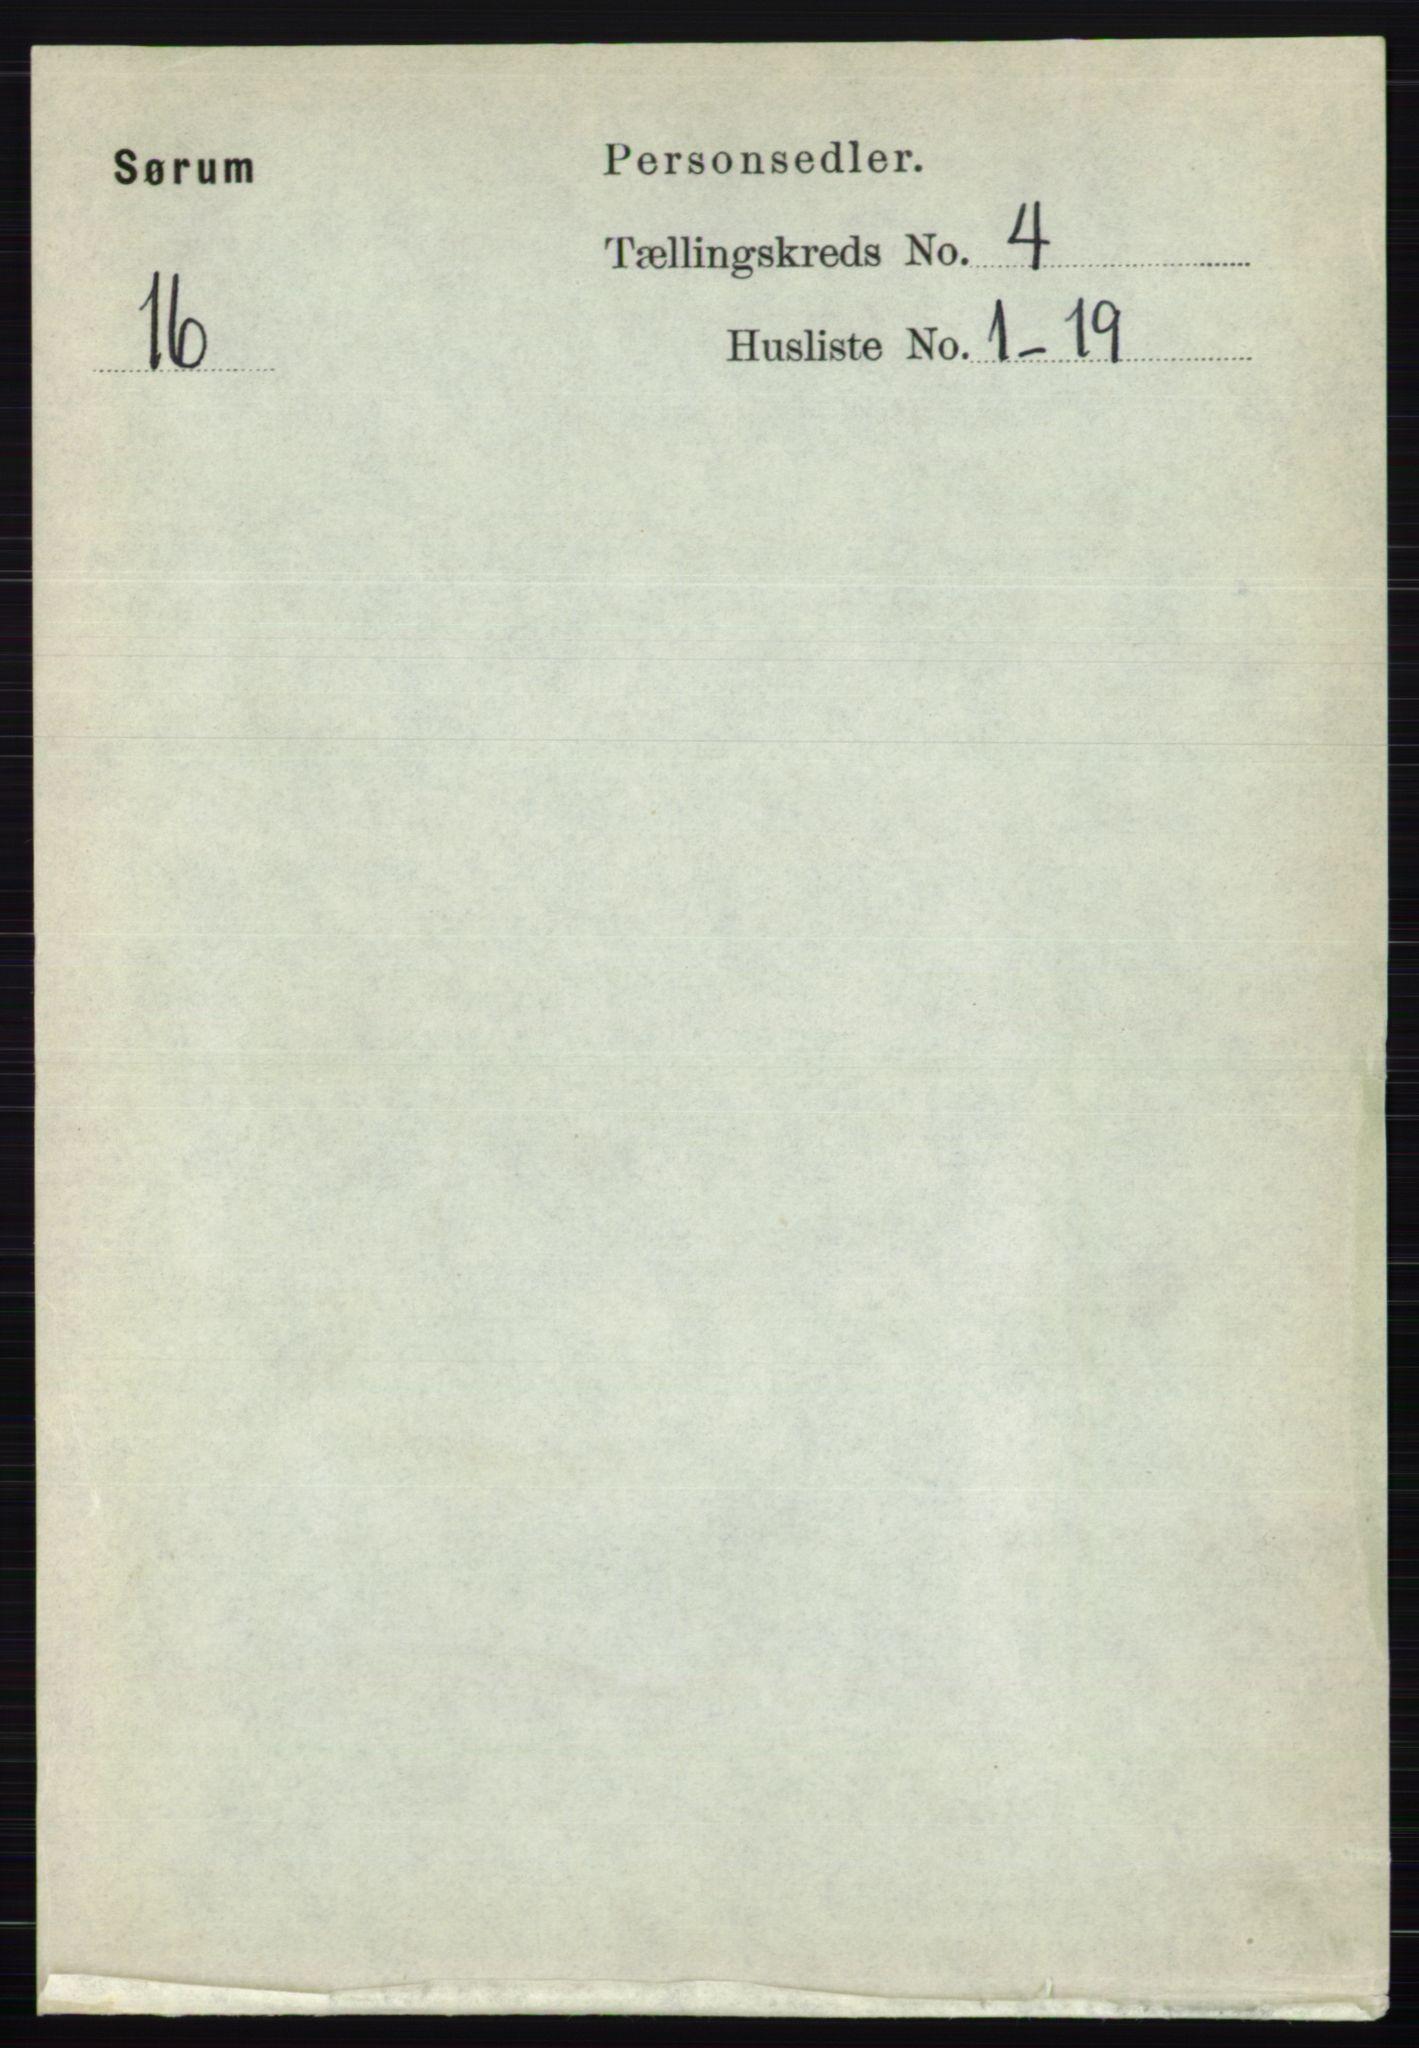 RA, Folketelling 1891 for 0226 Sørum herred, 1891, s. 1885